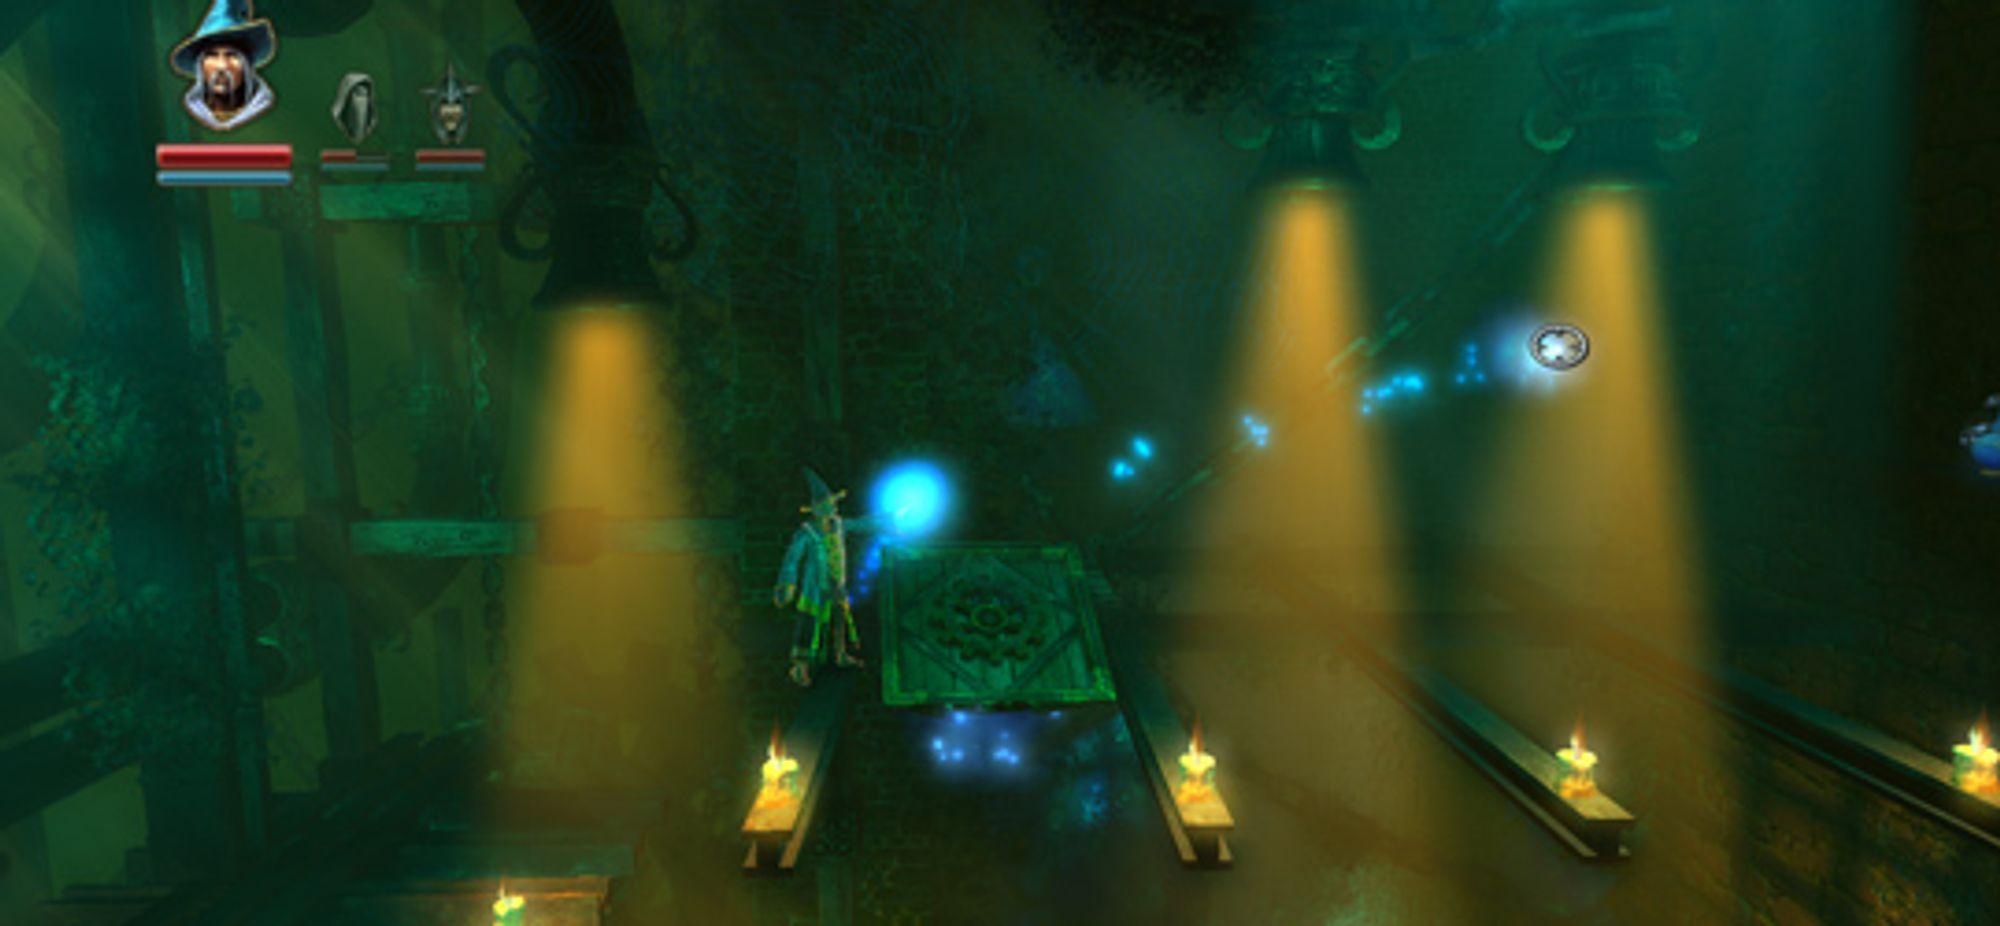 Treplattformen er en av tre forskjellige objekter Trollmannen kan mane fram.